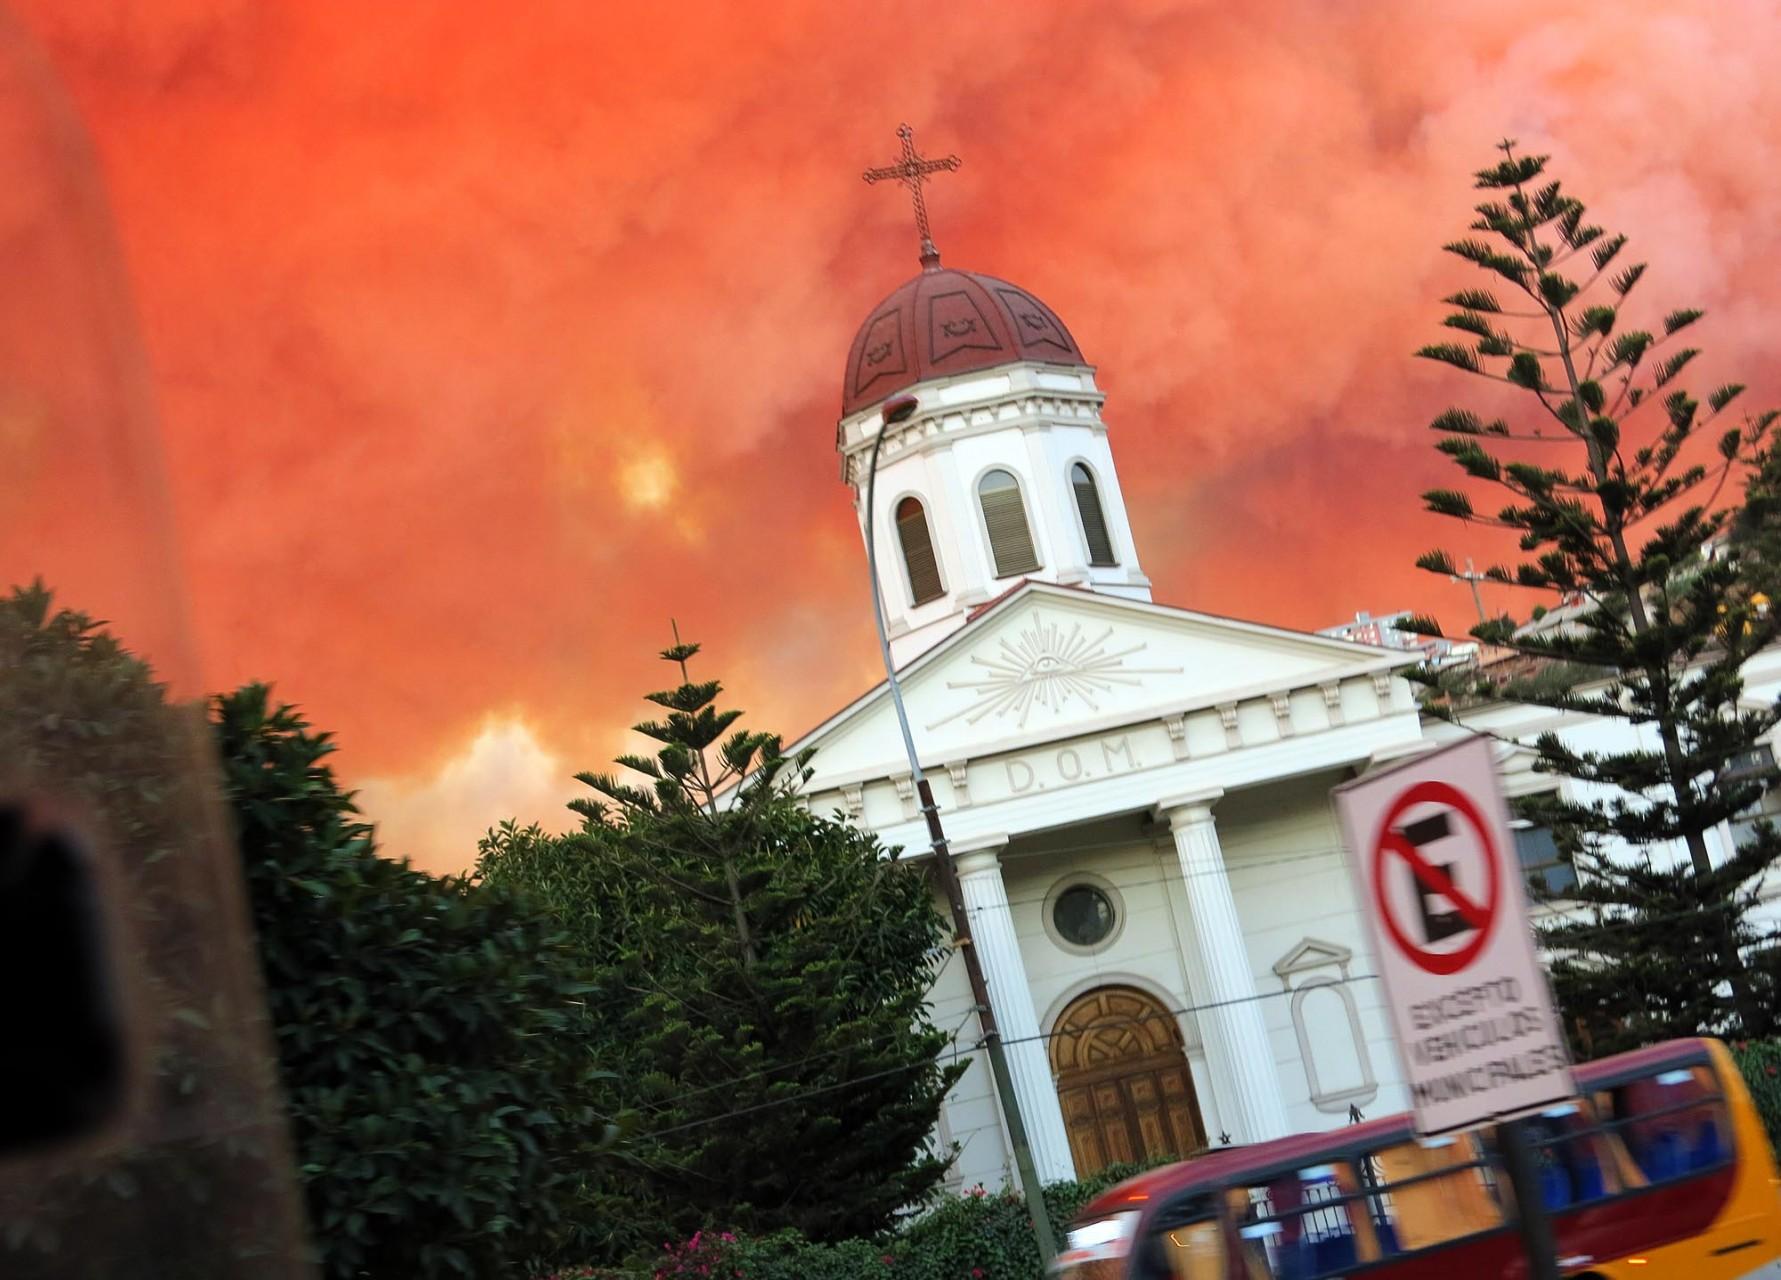 incendio hd 14marzo (4)